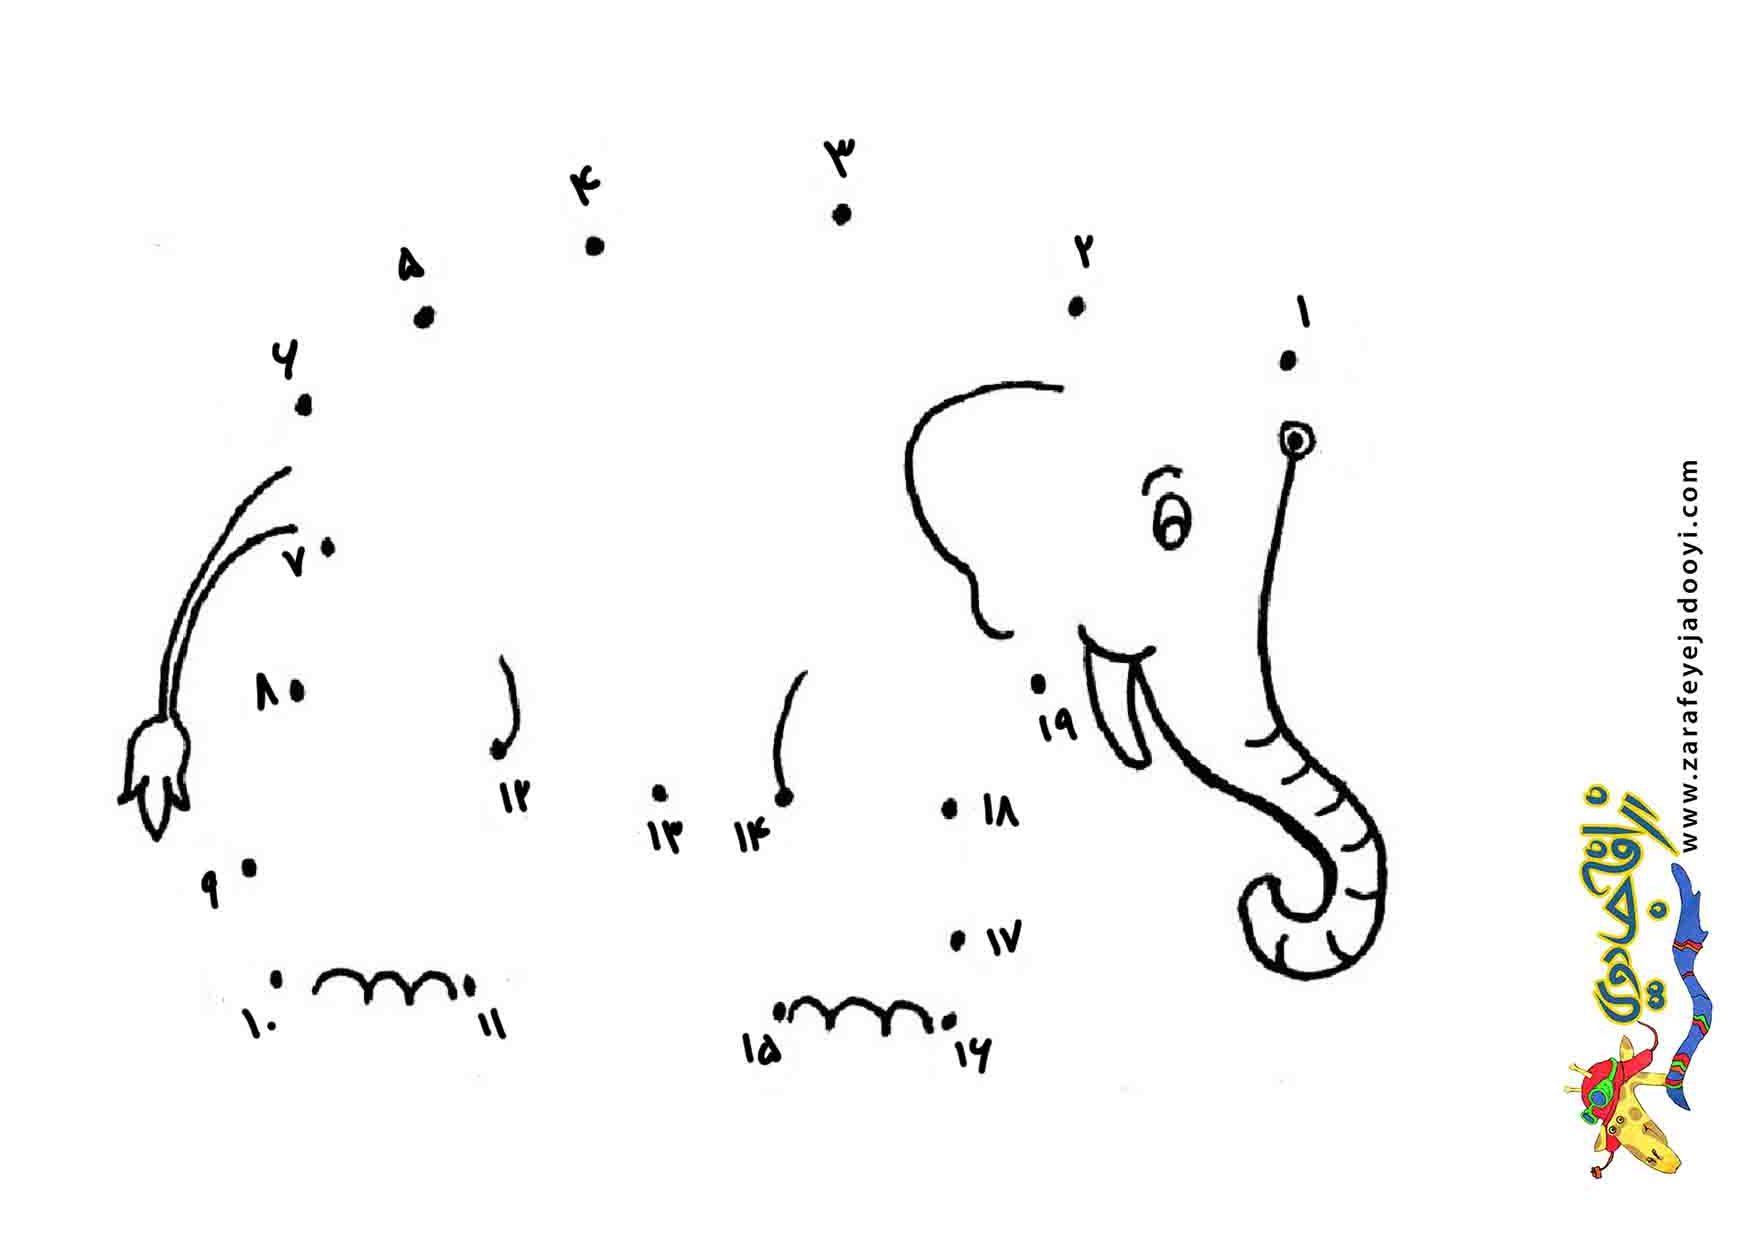 زرافه جادویی-بازی نقطه به نقطه-فیل